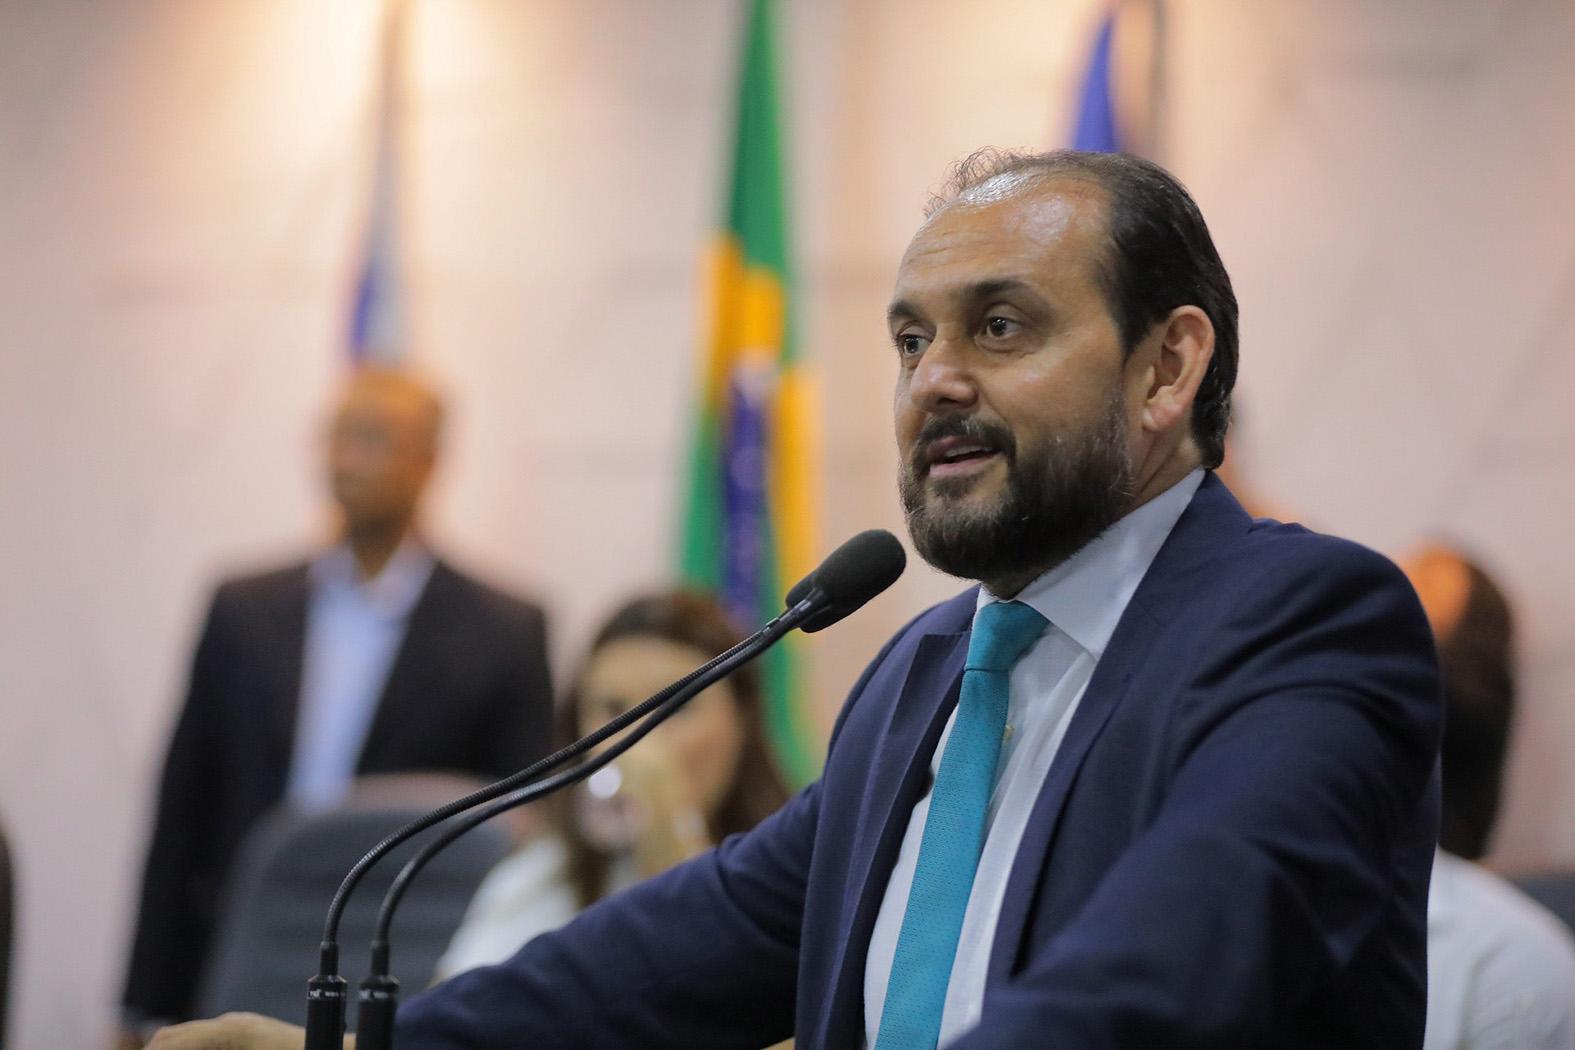 Presidente Laerte Gomes confirma empenho de R$ 350 mil para Prefeitura de Theobroma